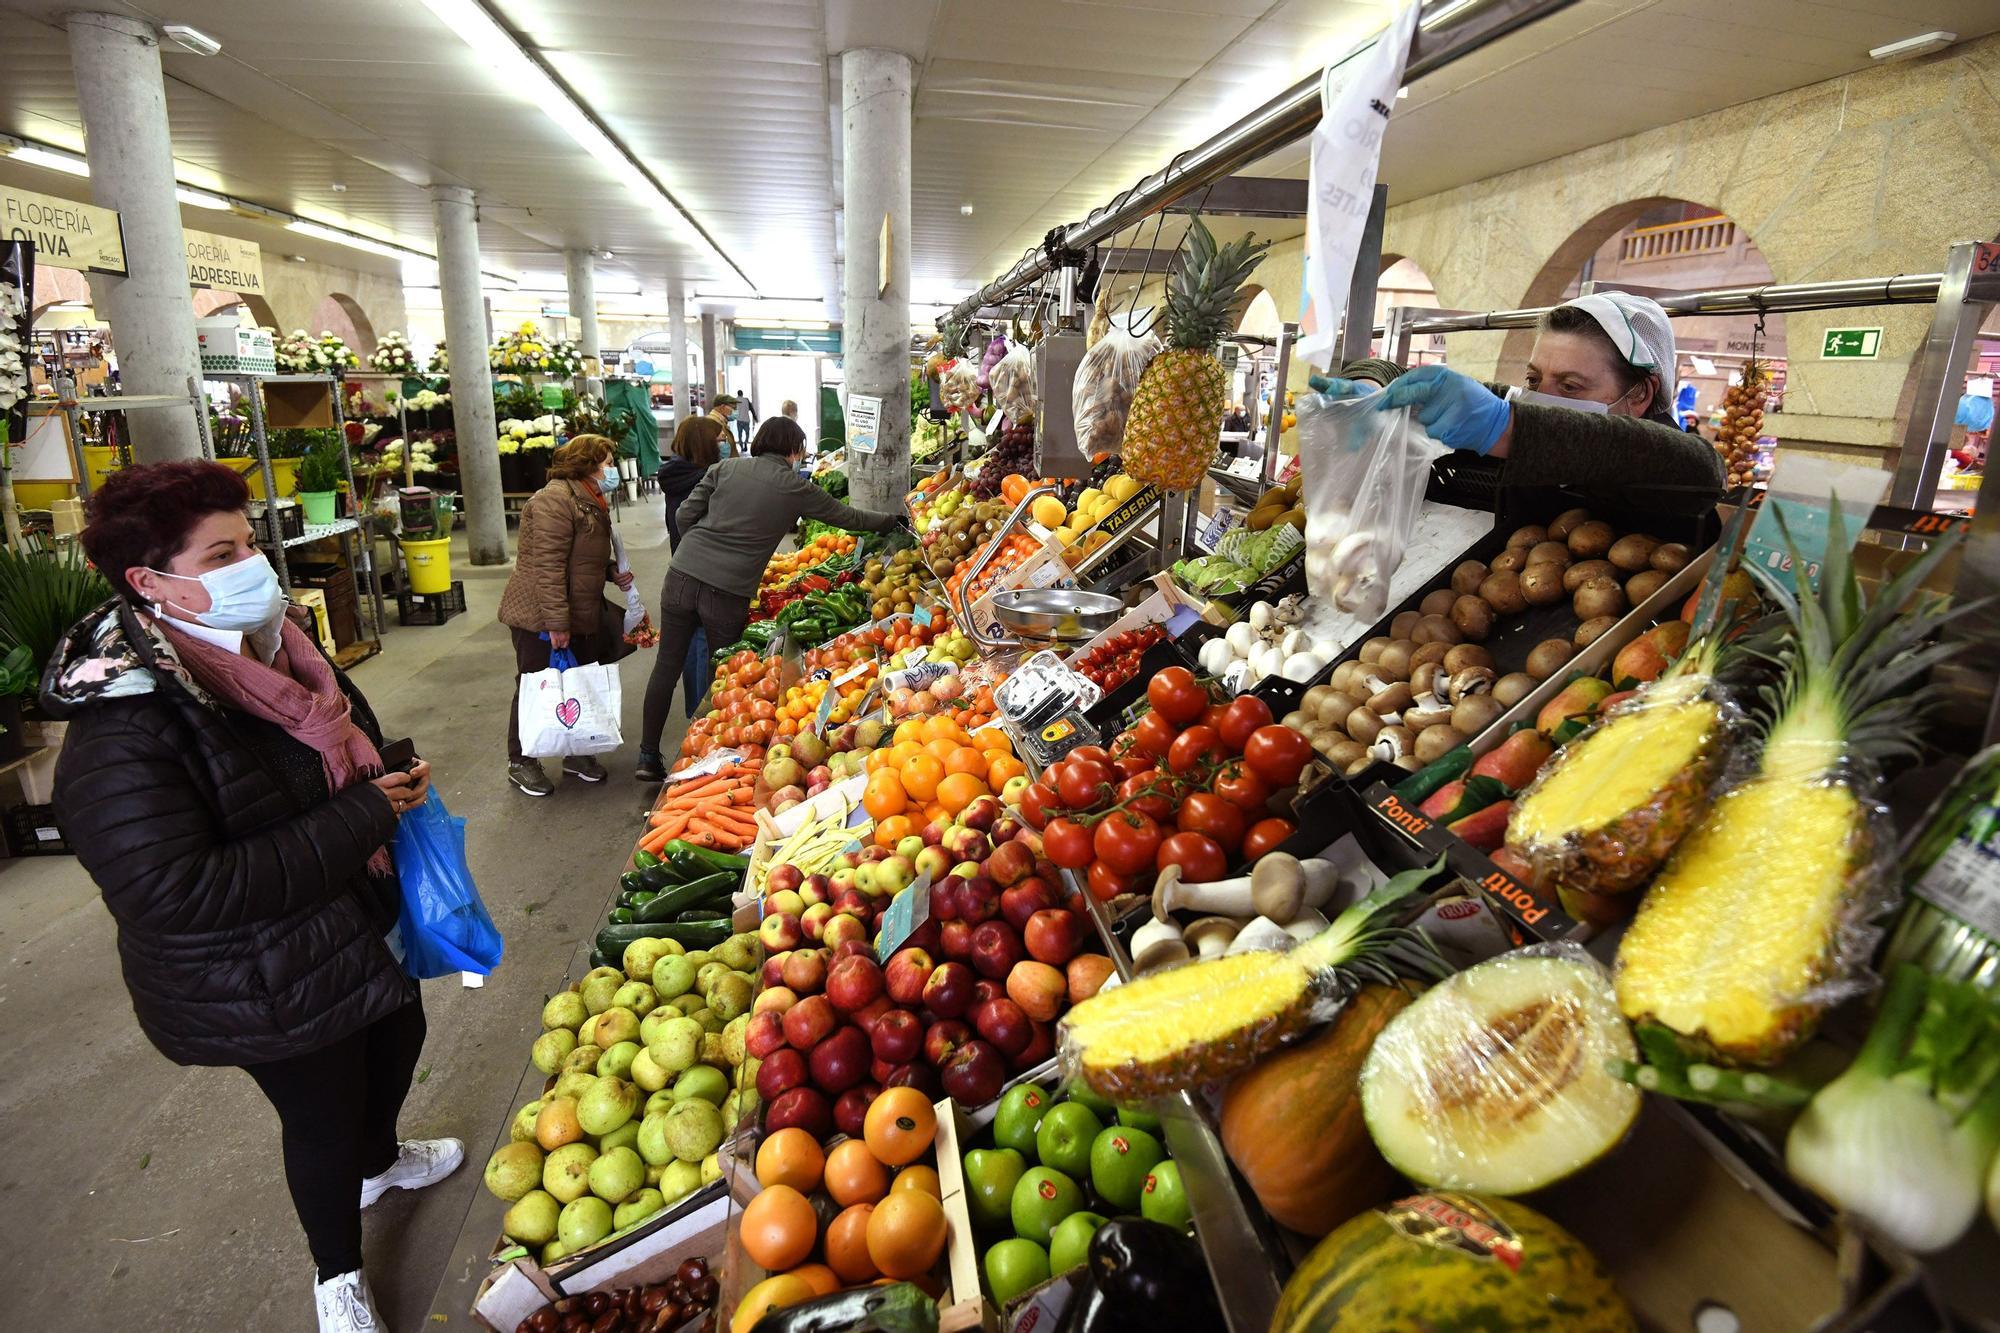 El Mercado sufre el cierre de la hostelería